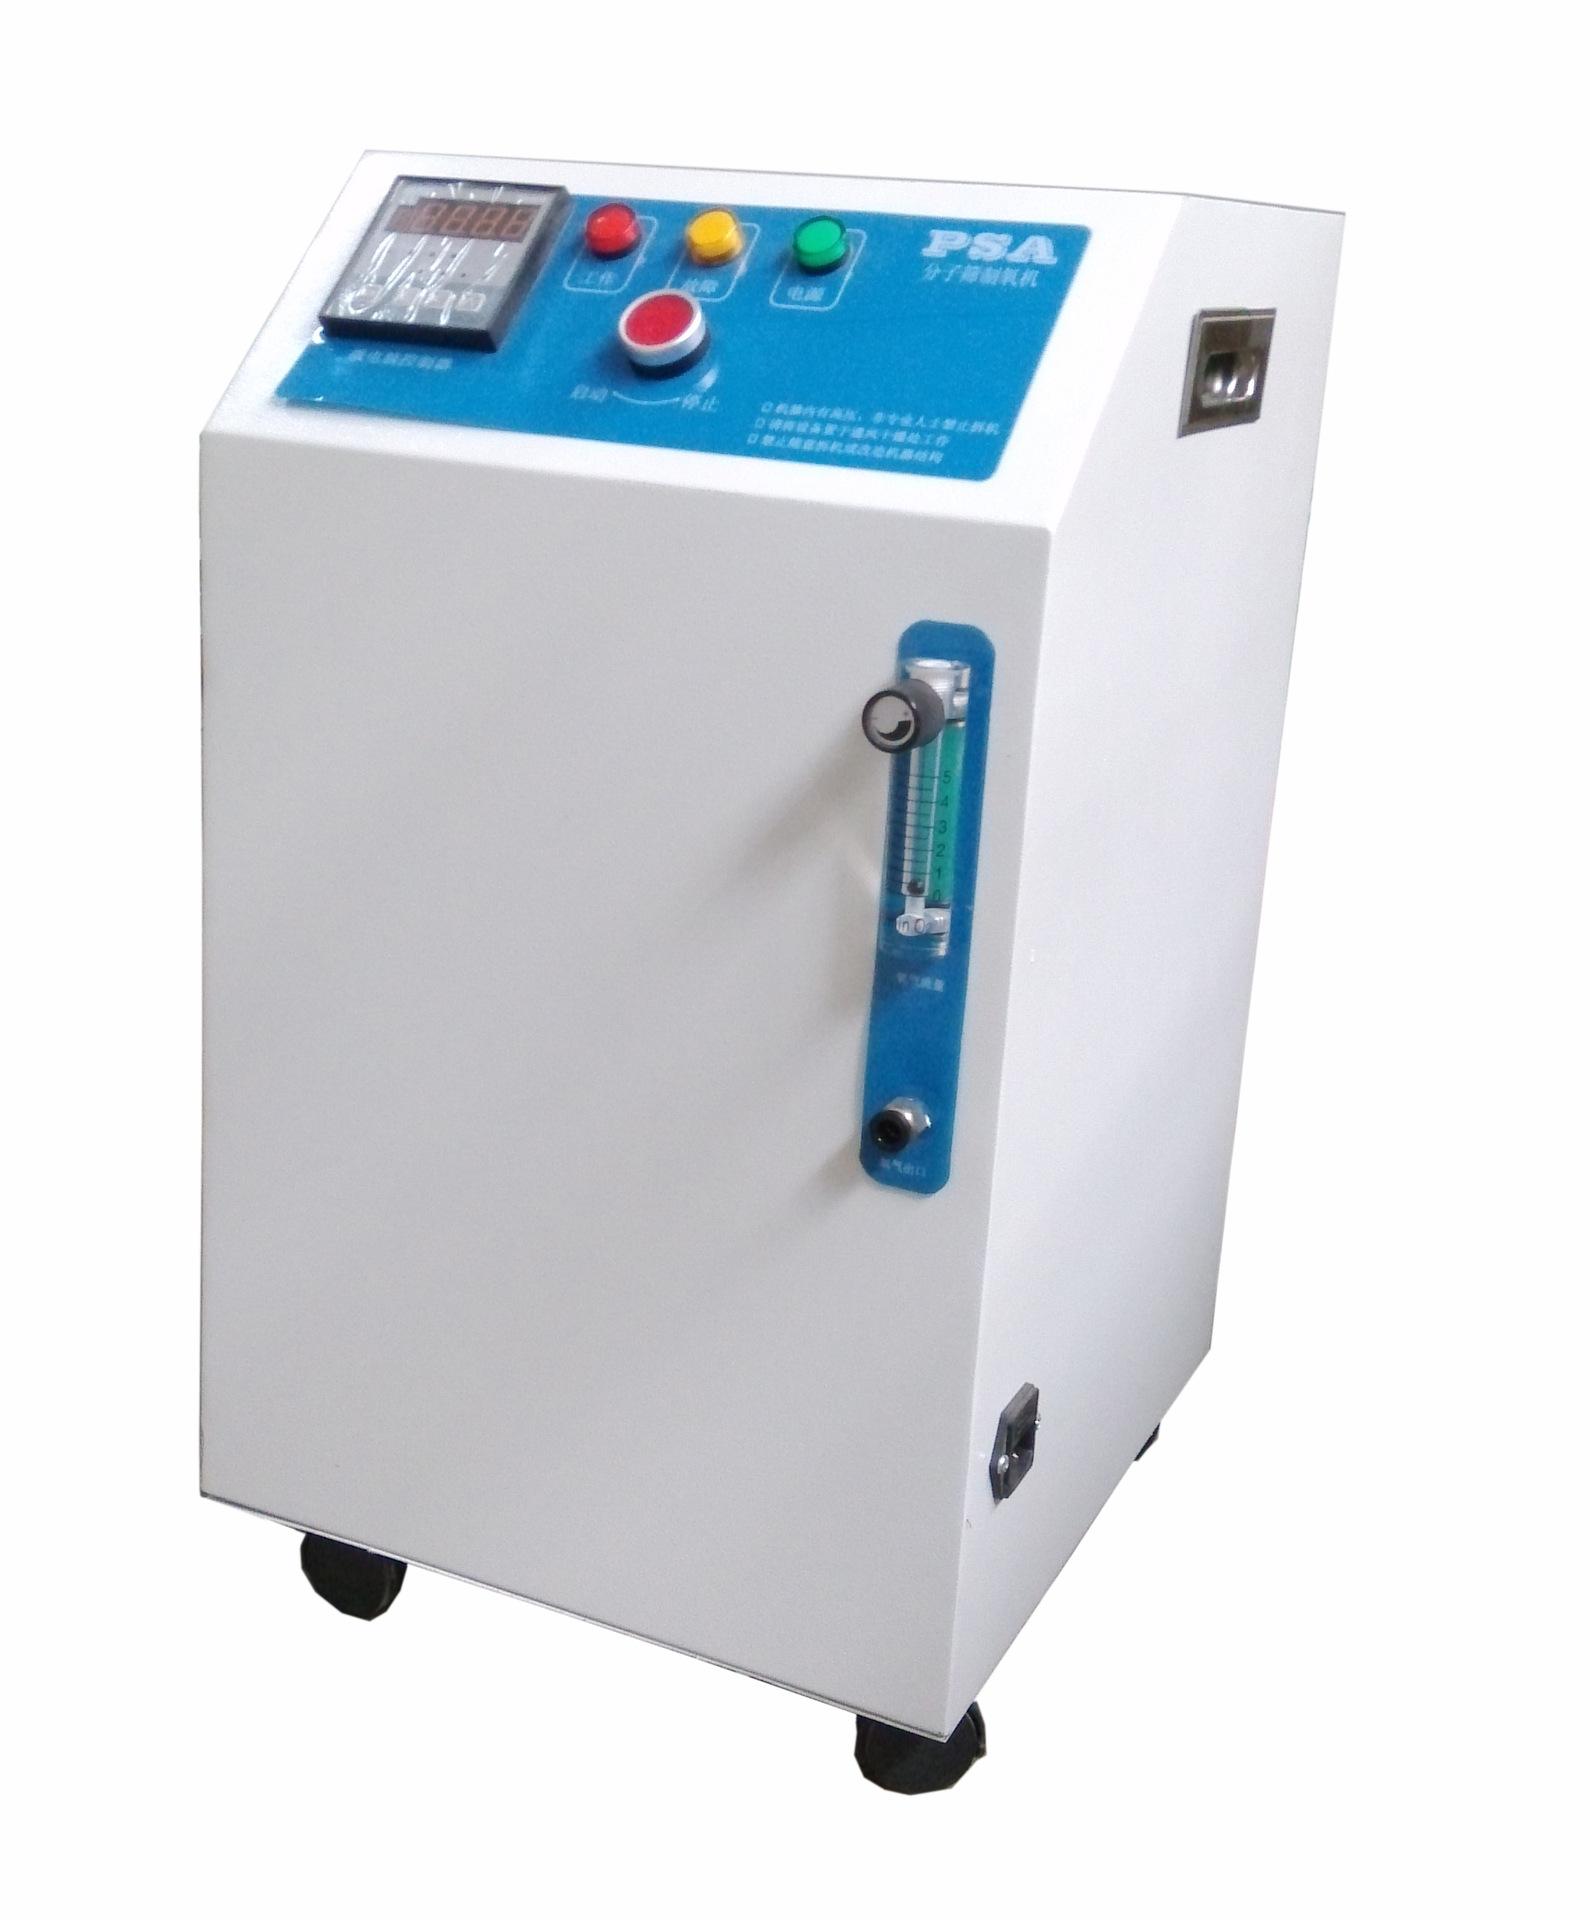 外置制氧机臭氧发生器 氧气源臭氧发生器